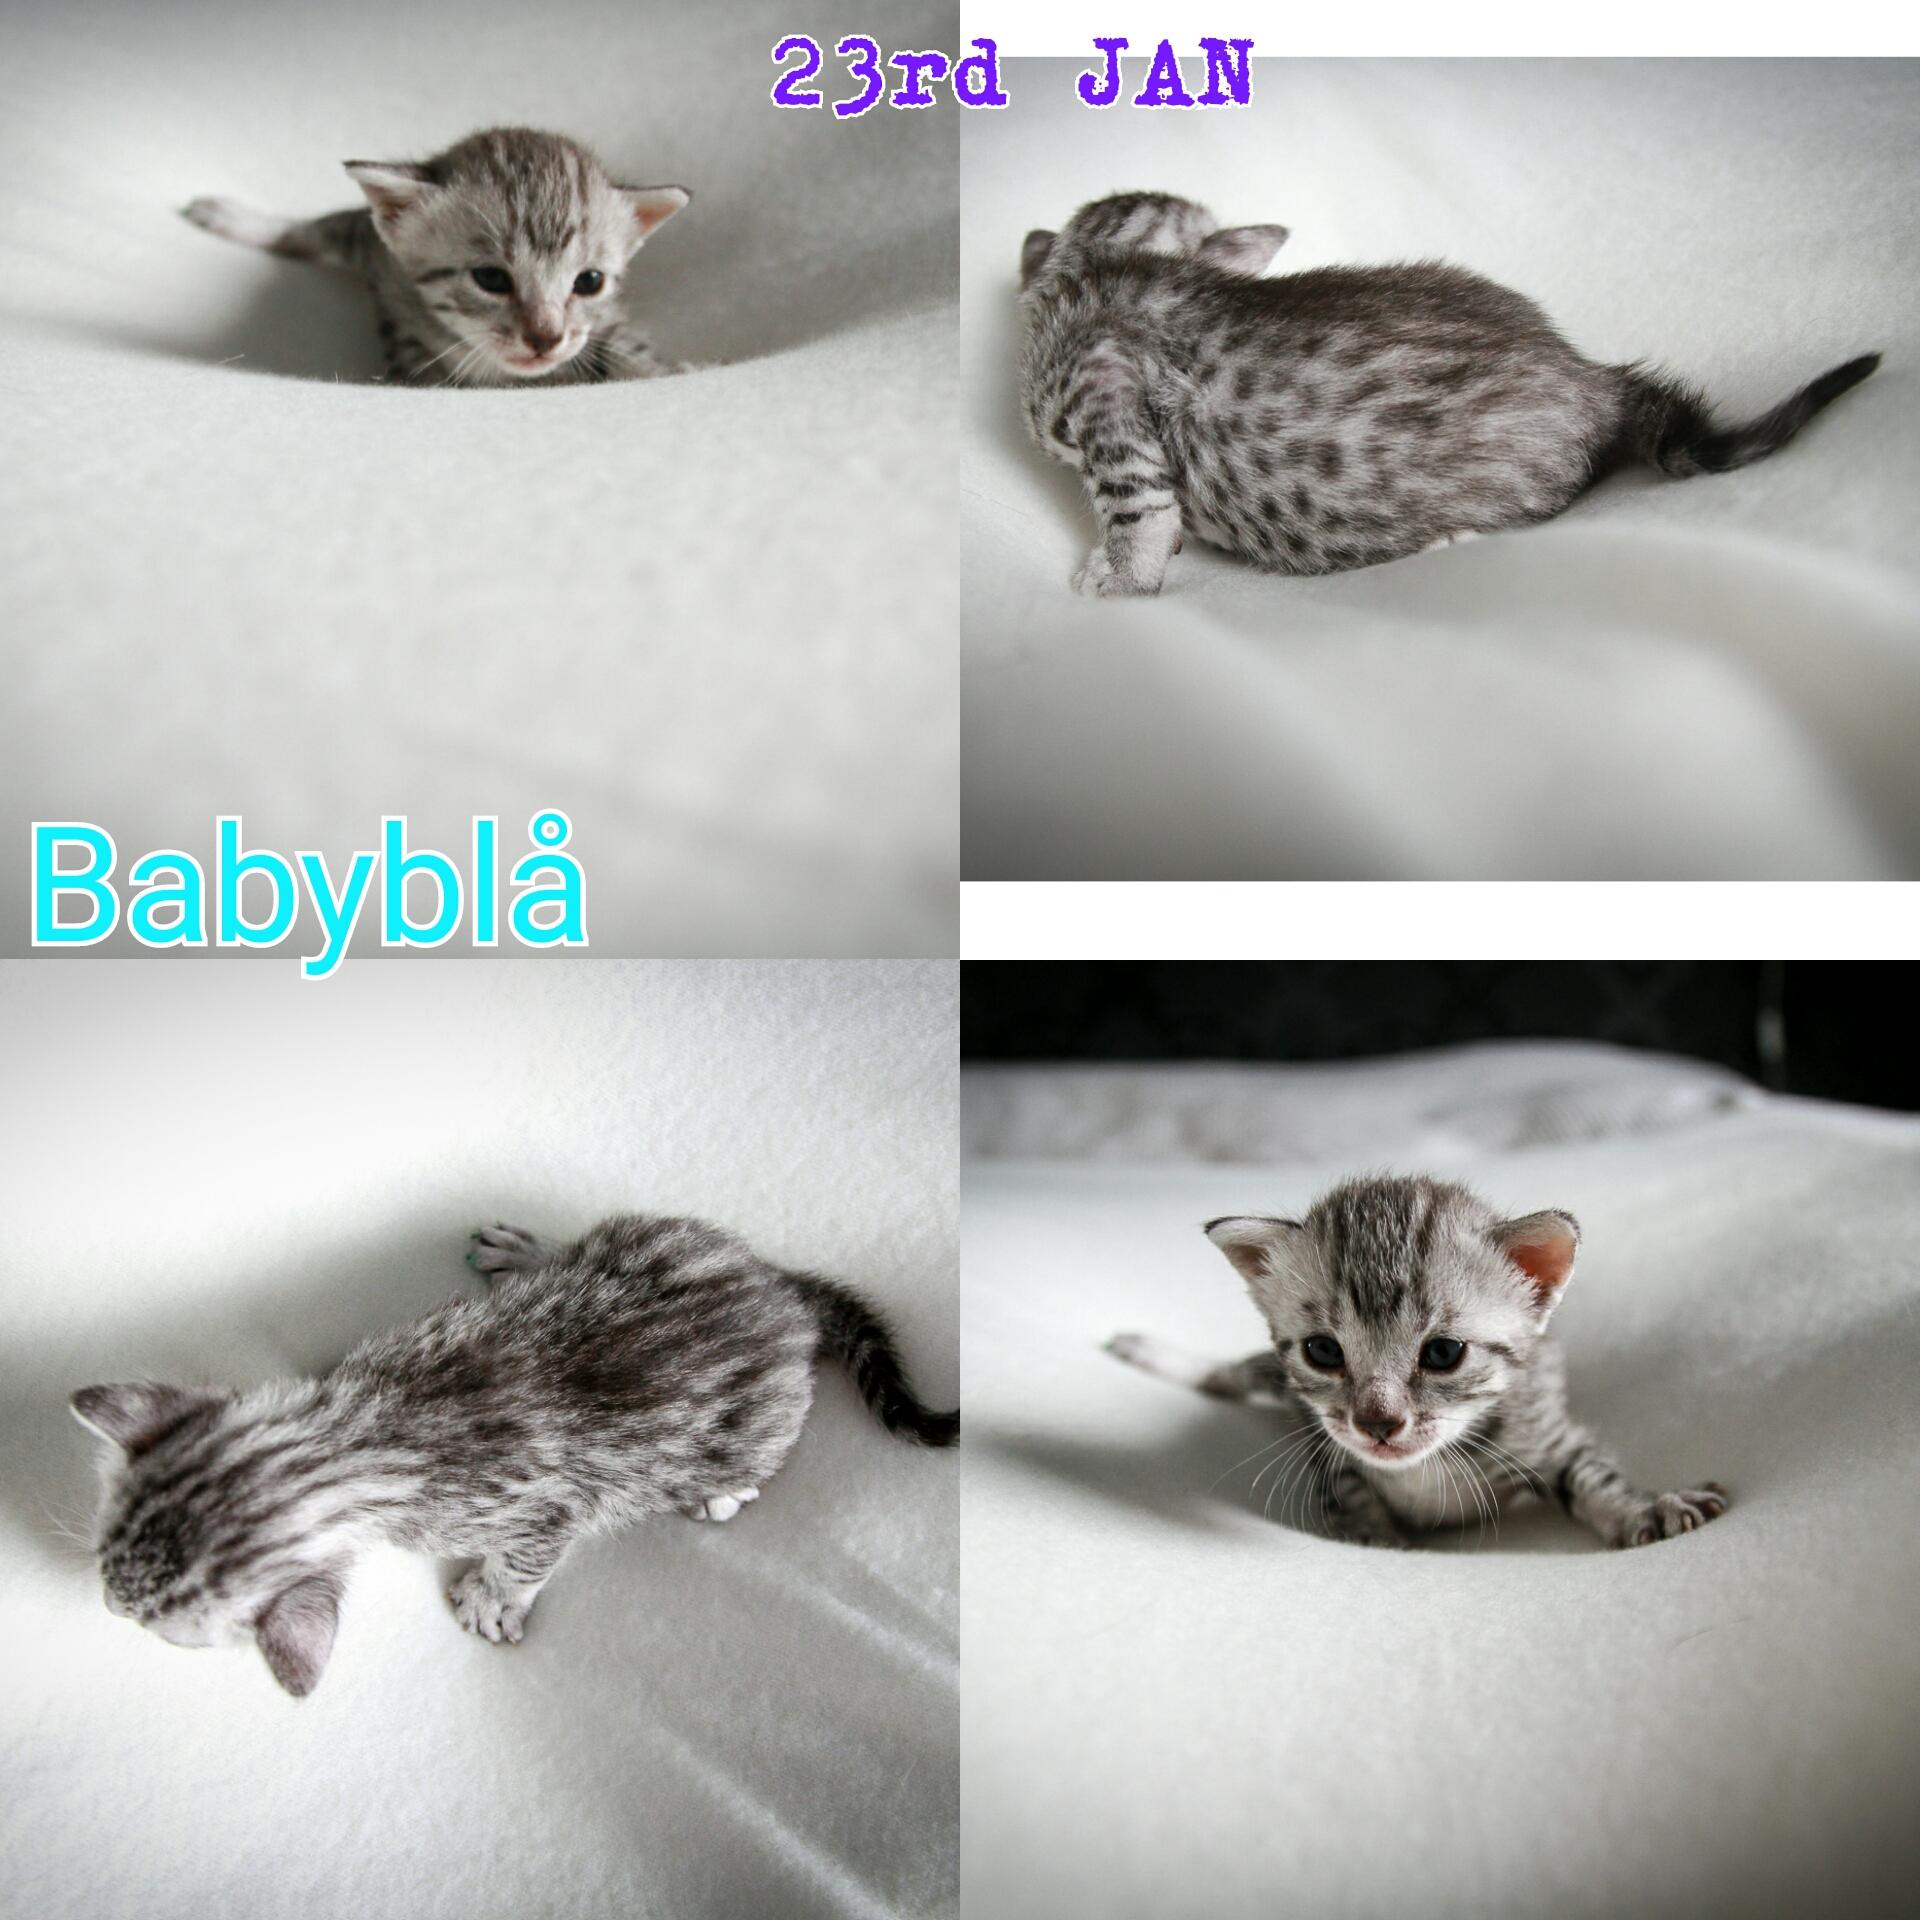 babyblue23-1